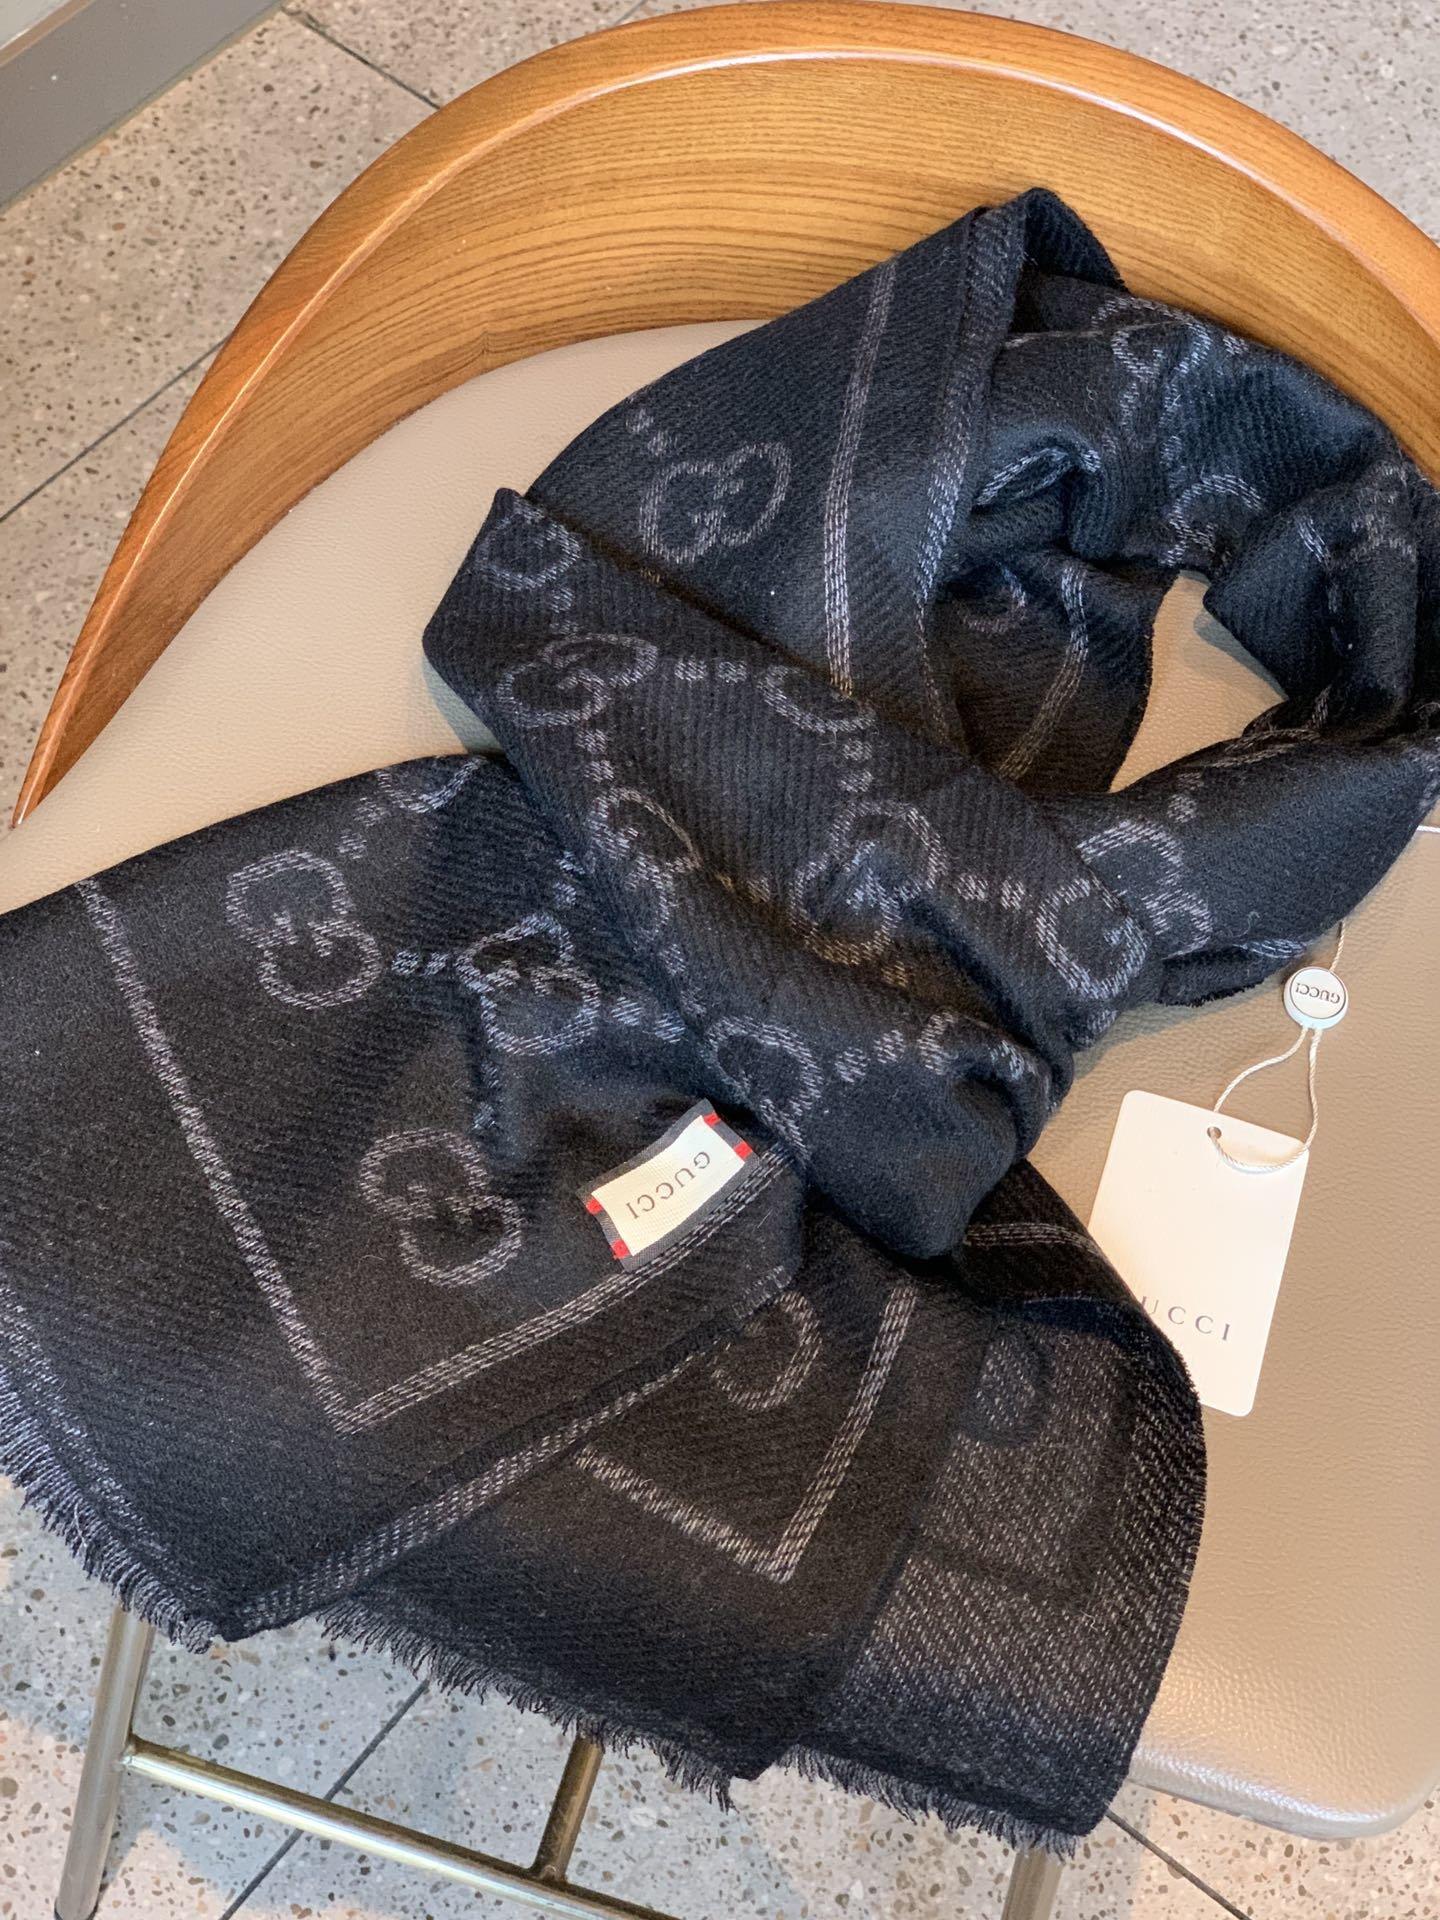 GUCCI经典双面围巾专柜全面上线十